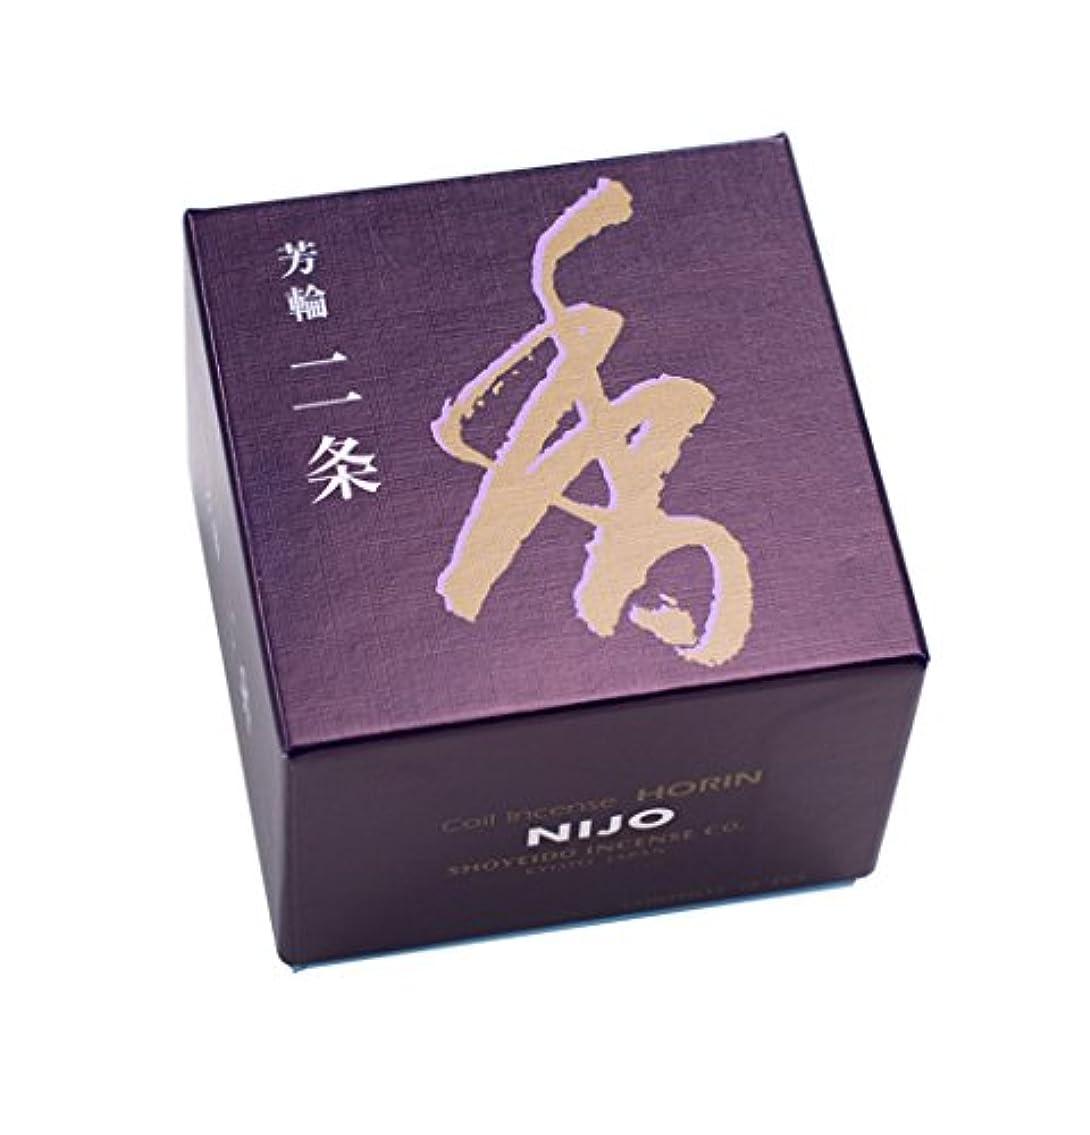 歪めるより賞松栄堂のお香 芳輪二条 渦巻型10枚入 うてな角型付 #210121